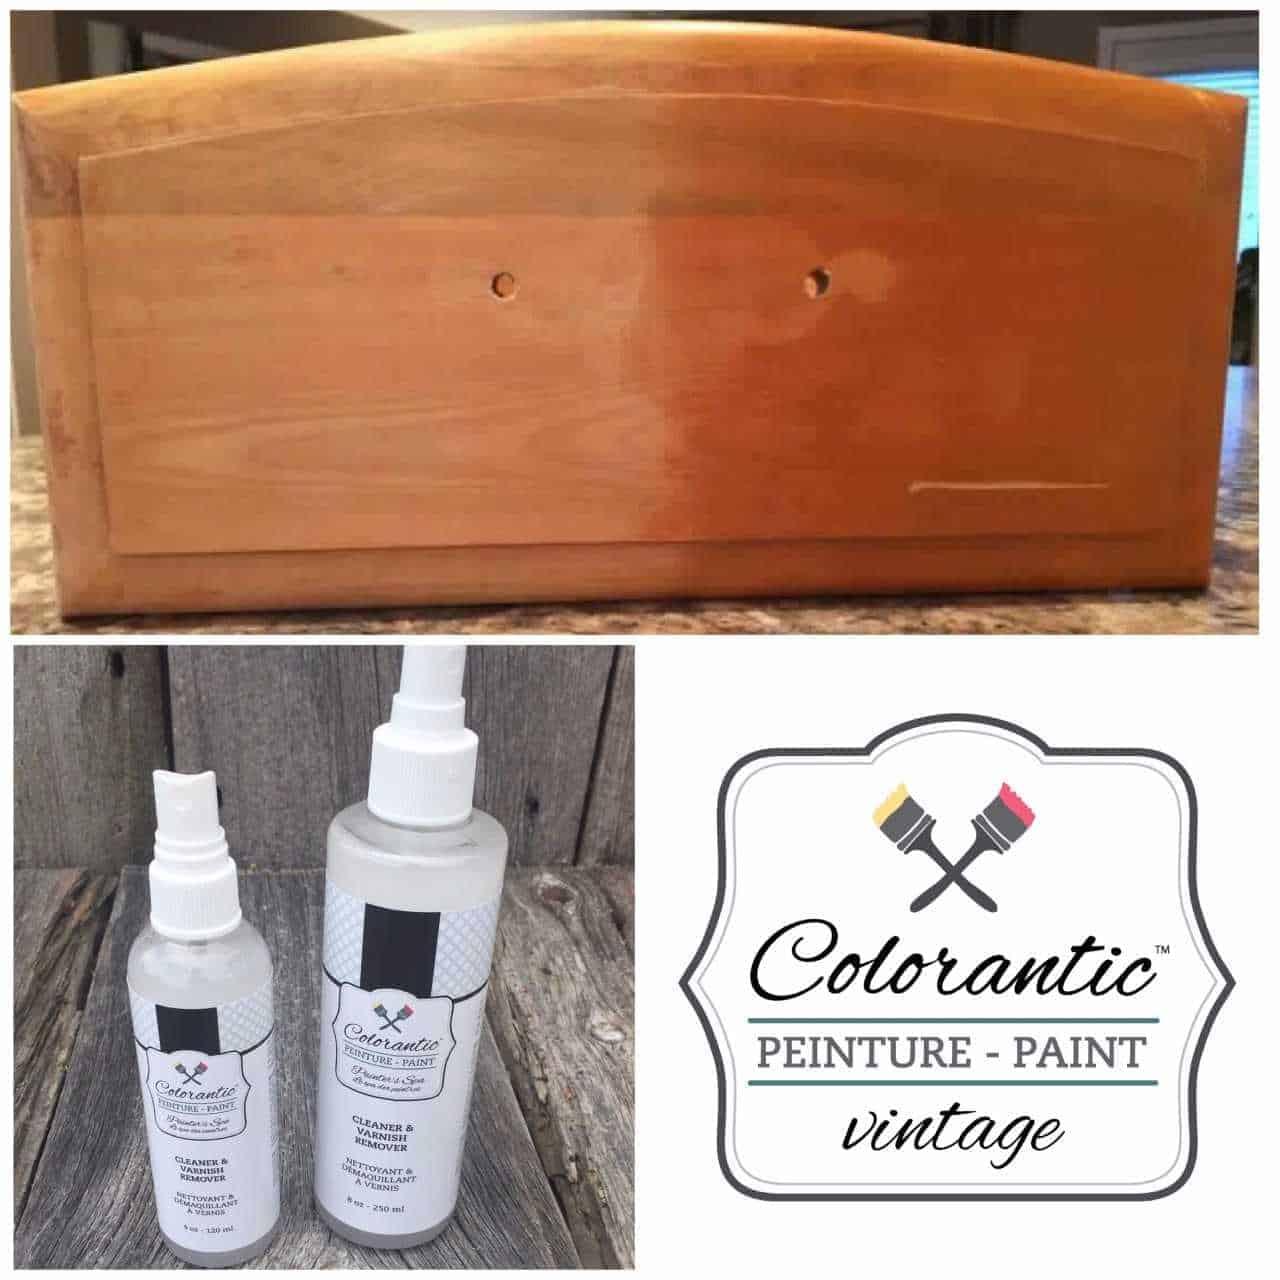 Démaquillant à vernis - Vanish remover | Peinture à la craie Colorantic | Chalk-Based Paint Colorantic